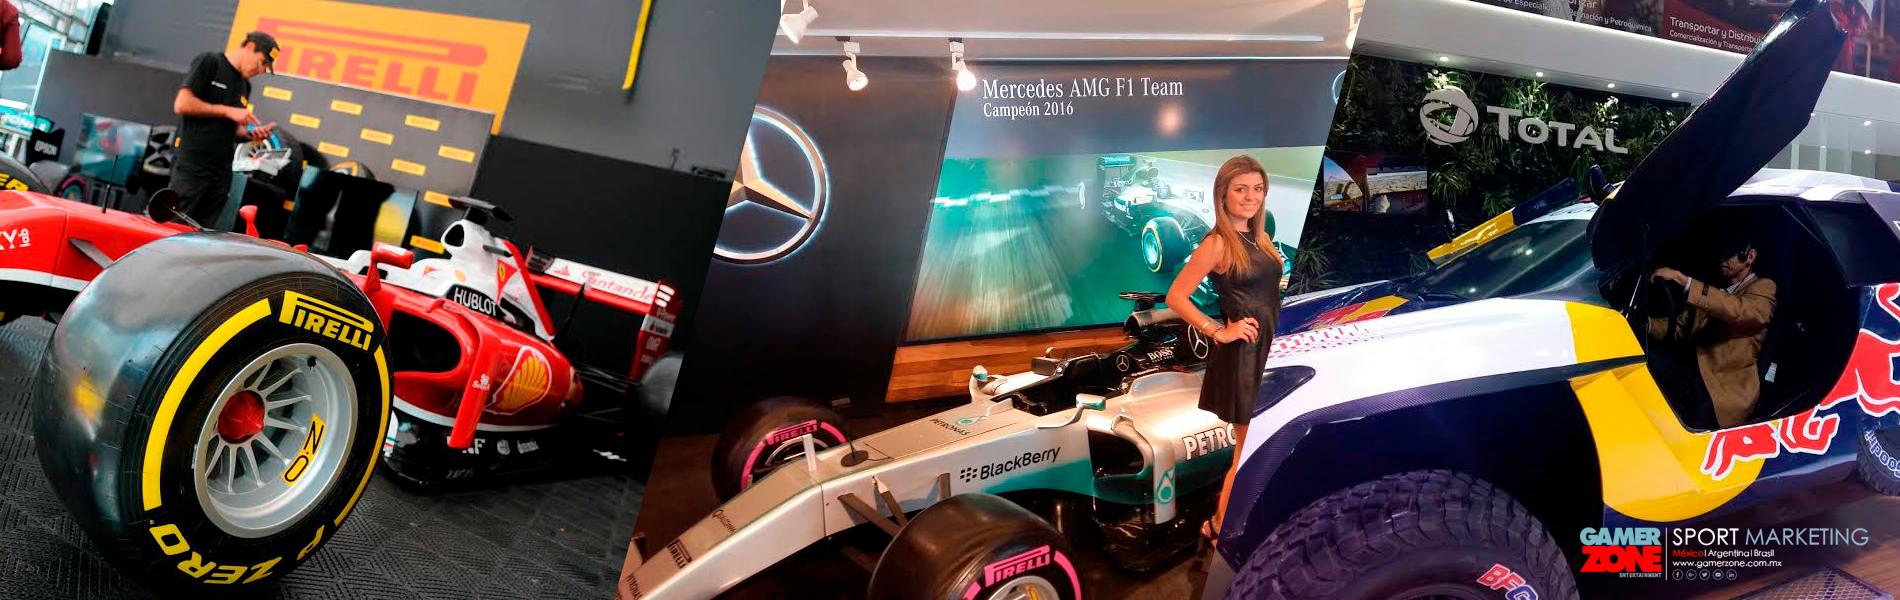 Simulador de carreras para expos o eventos